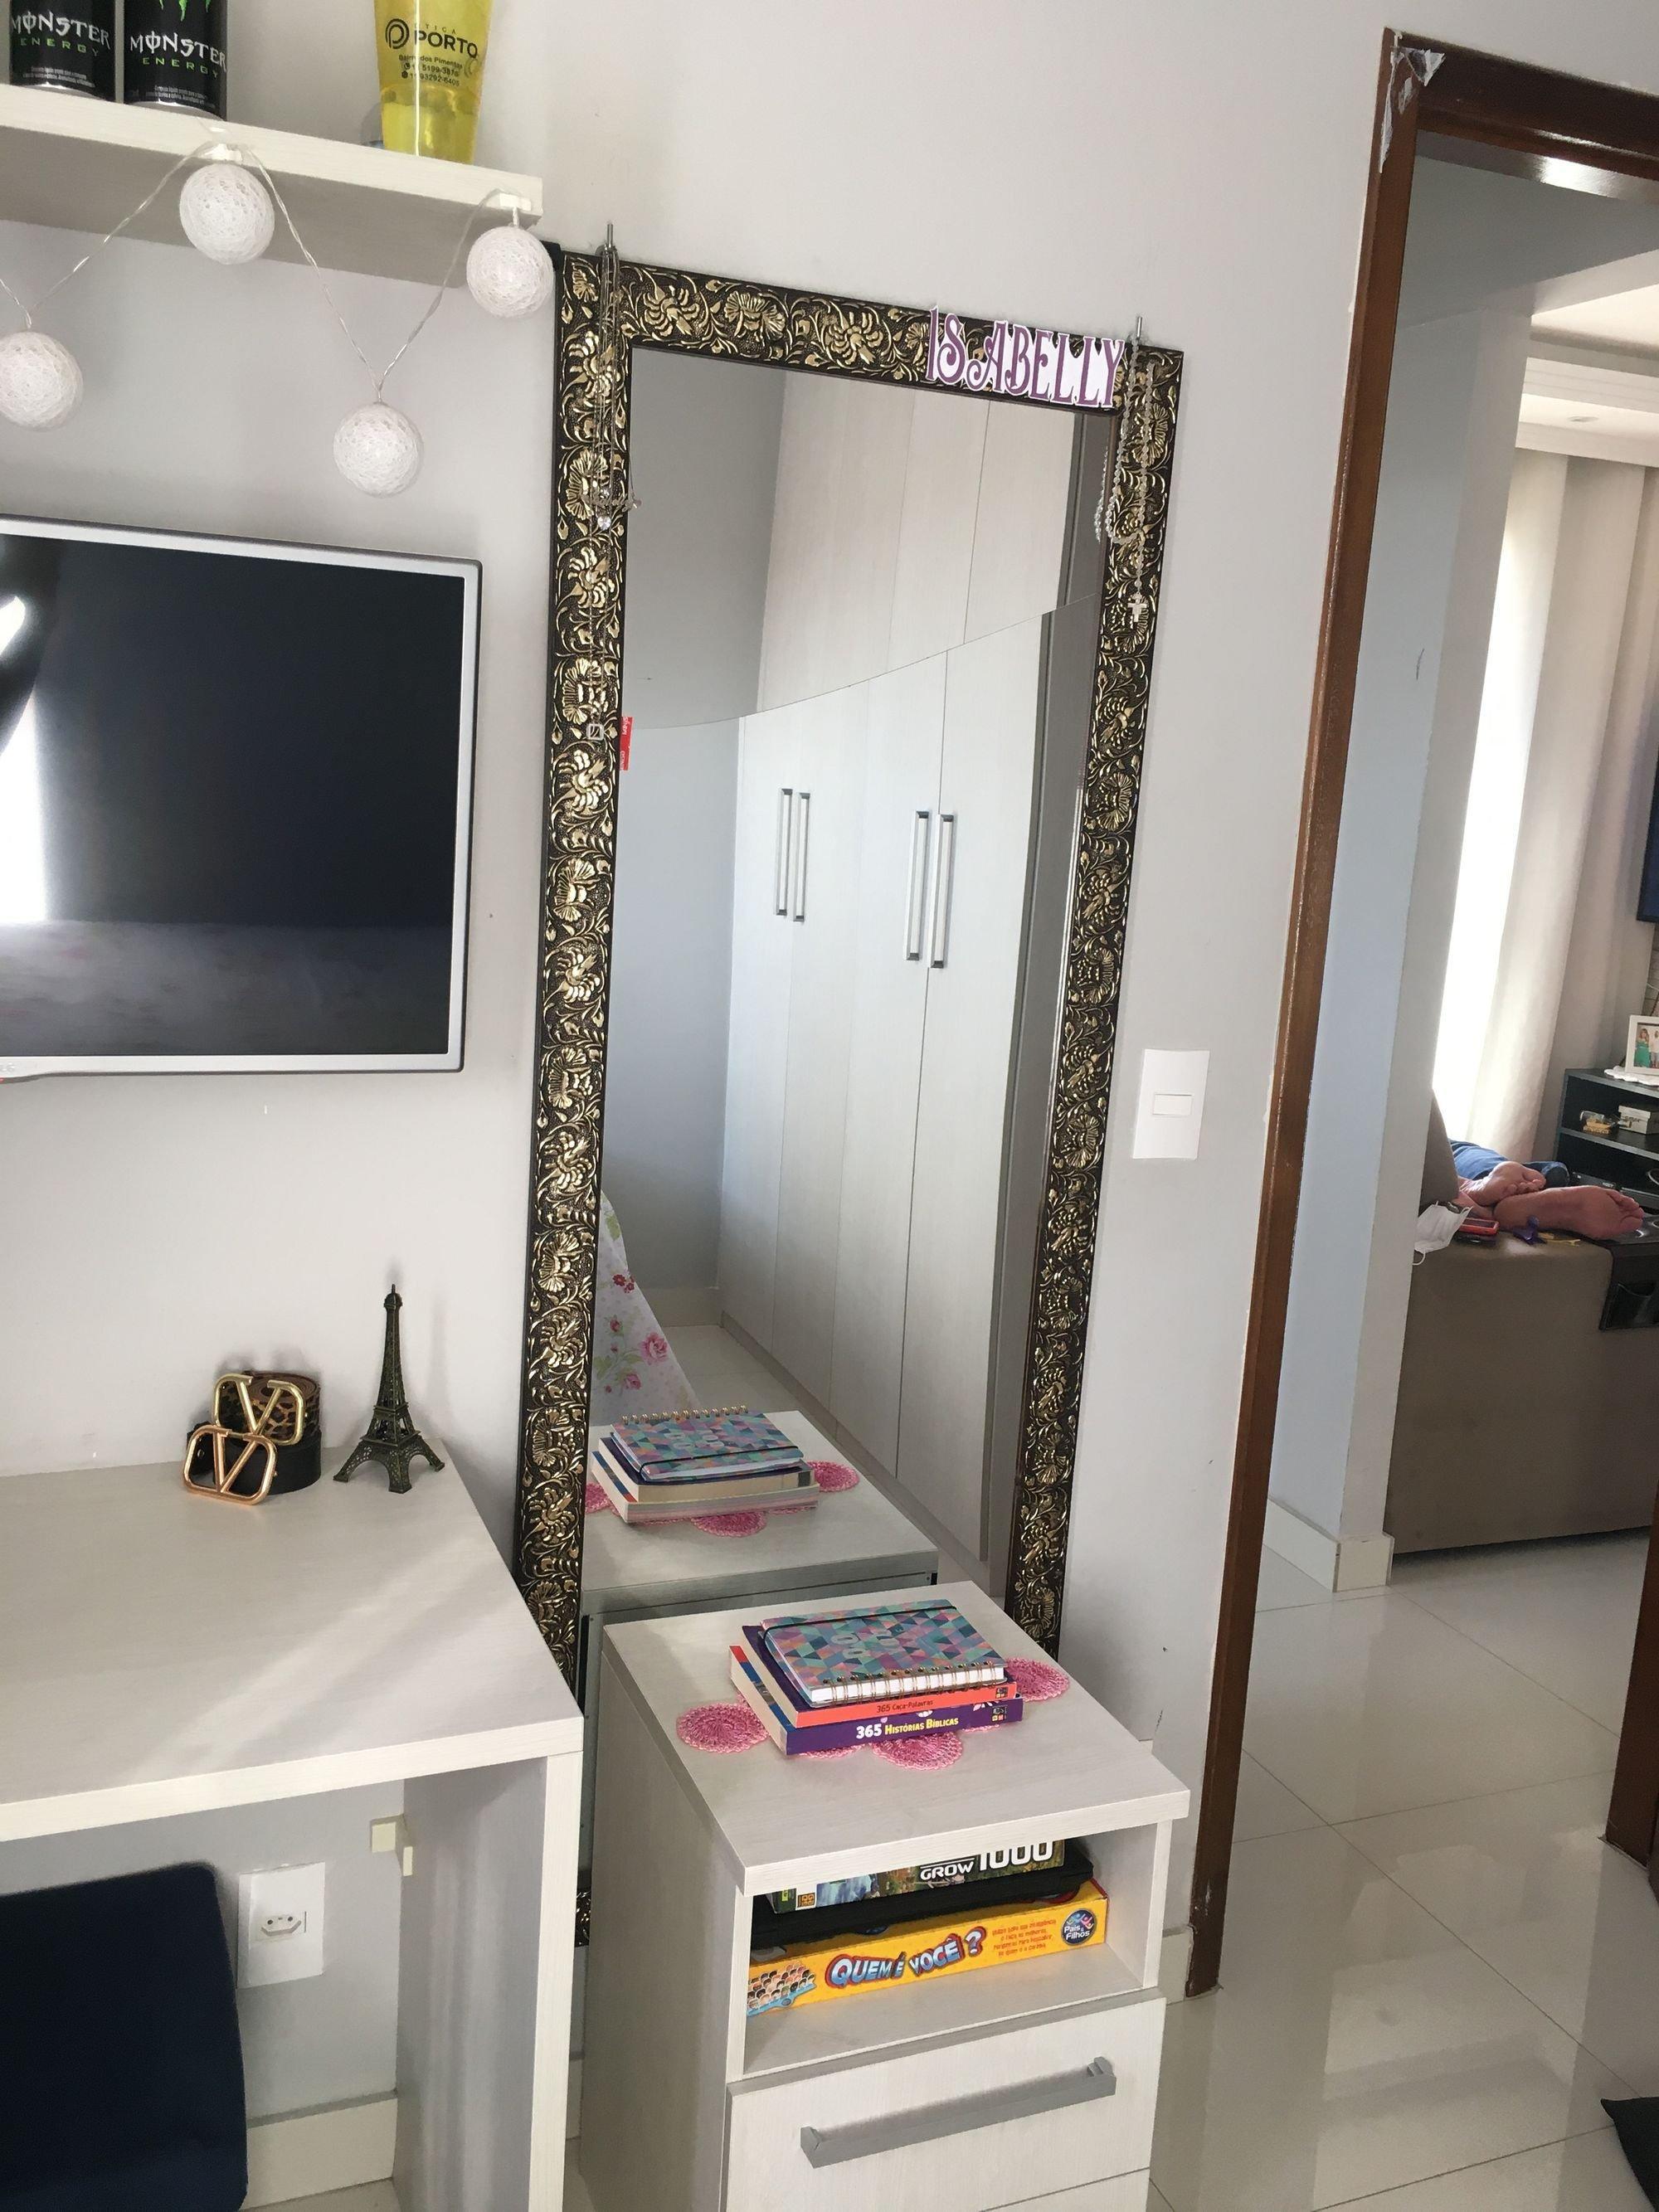 Foto de Sala com televisão, cadeira, livro, xícara